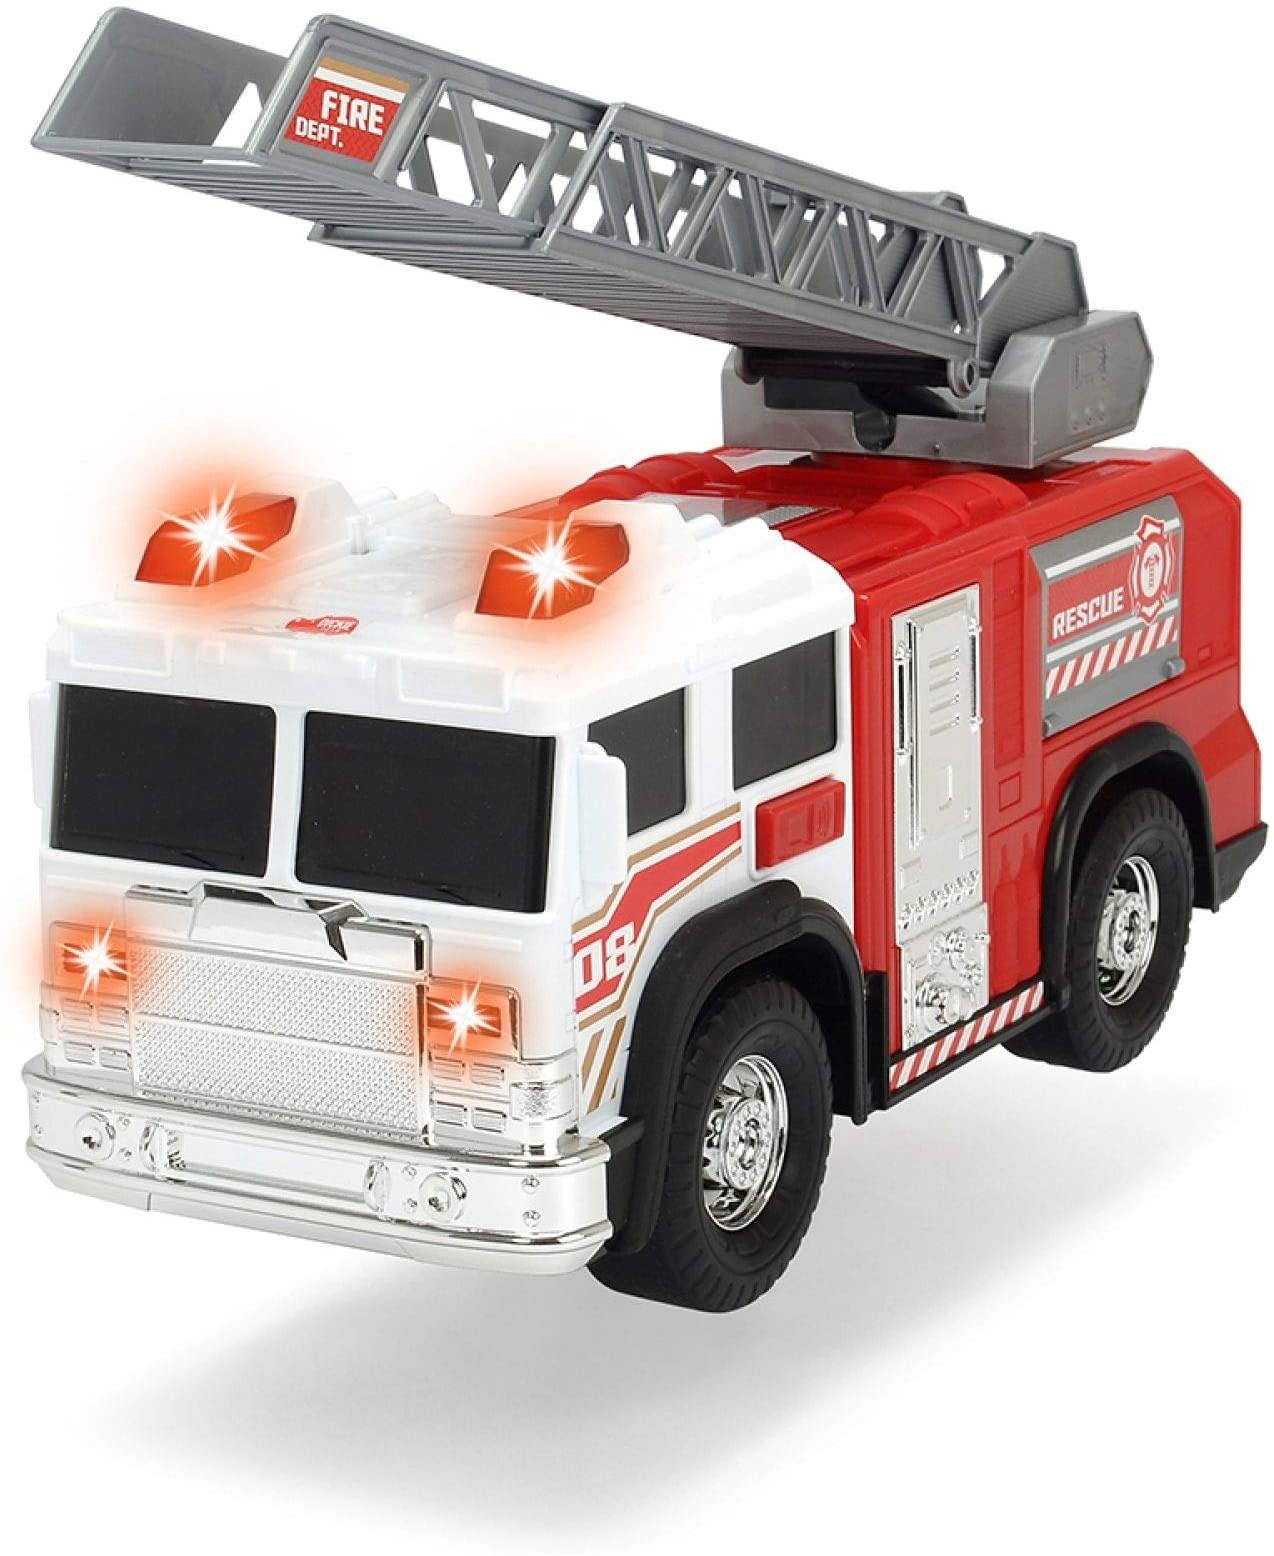 Купить Dickie Toys Пожарная машина Scania, 35 см, свет, звук, 3716017, Китай